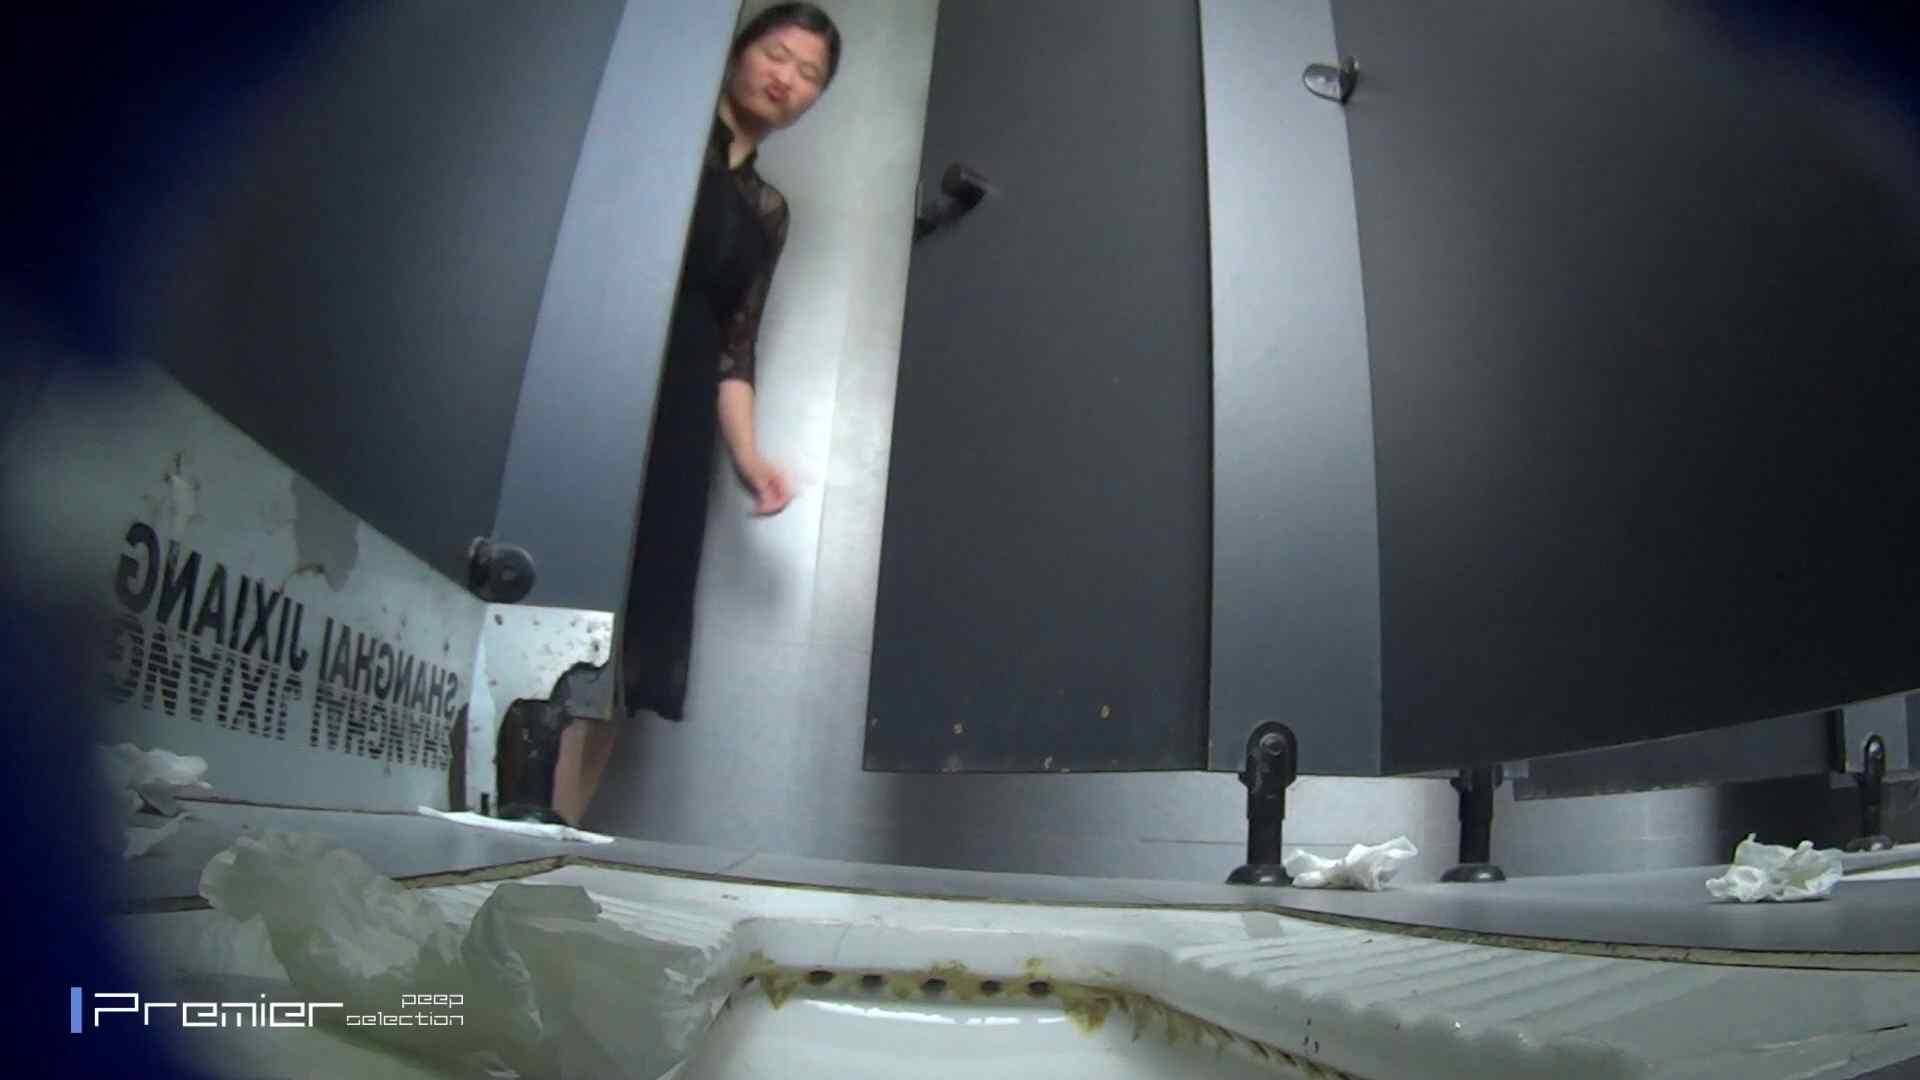 スキニージーンズの美女 大学休憩時間の洗面所事情56 洗面所  107PIX 66